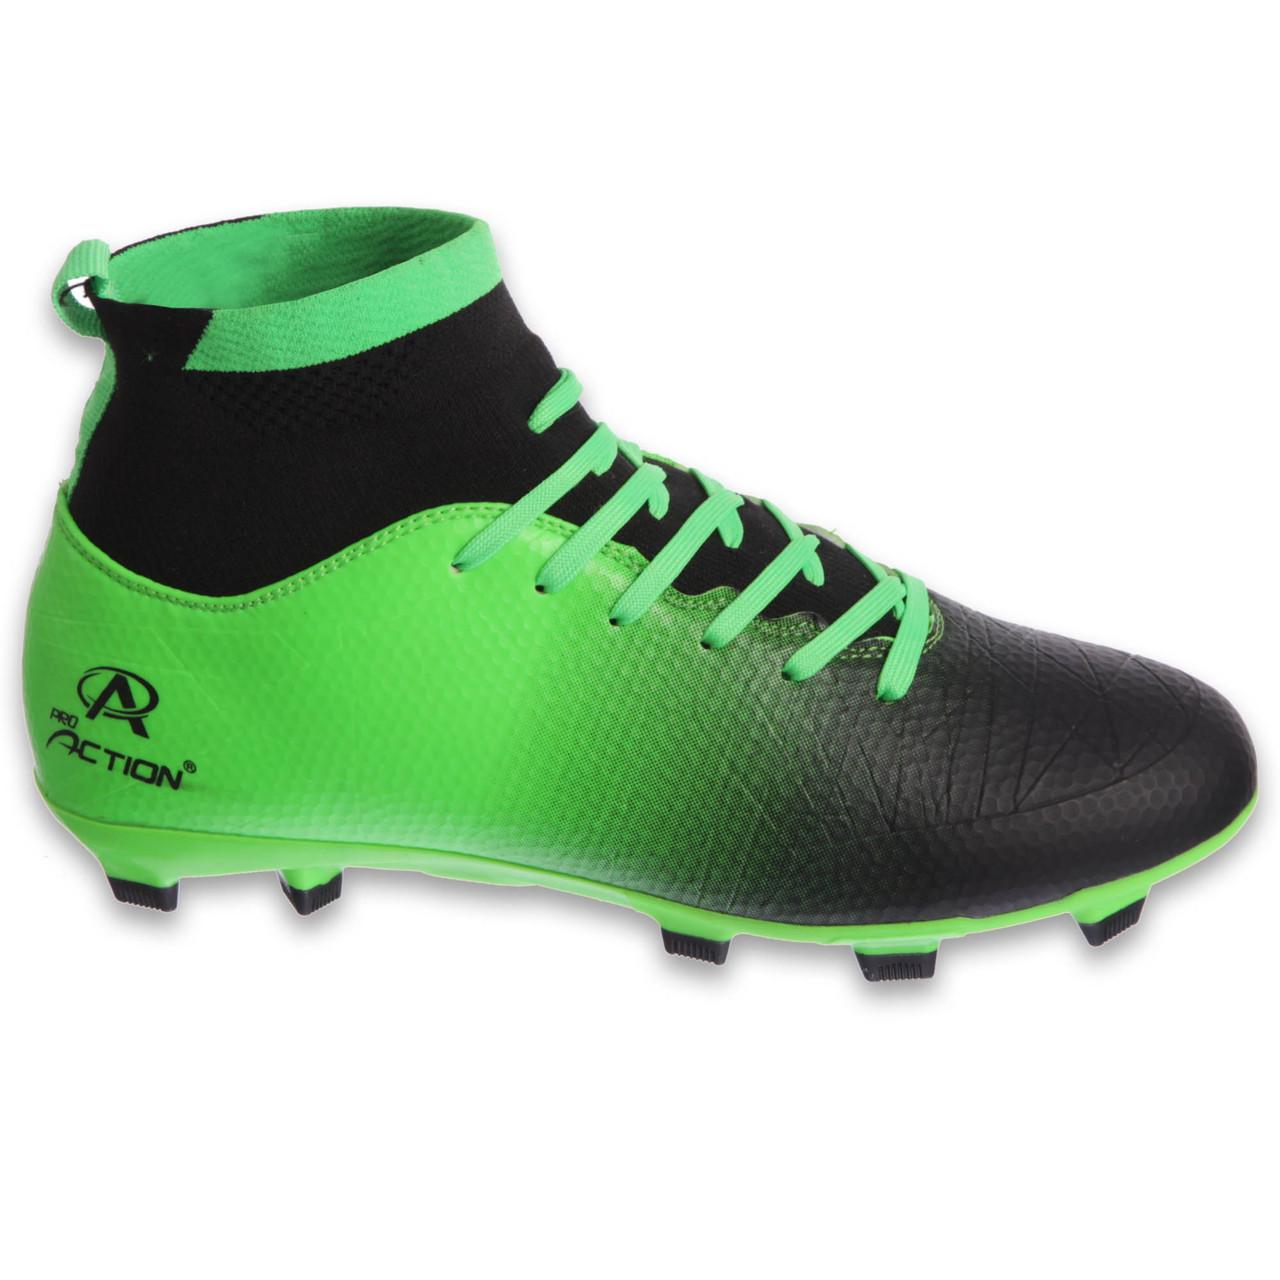 Бутсы футбольная обувь подростковая с носком Pro Action PRO-1000-15B BLACK/GREEN размер 35-40 (верх-TPU, подошва-RB, зеленый-черный)